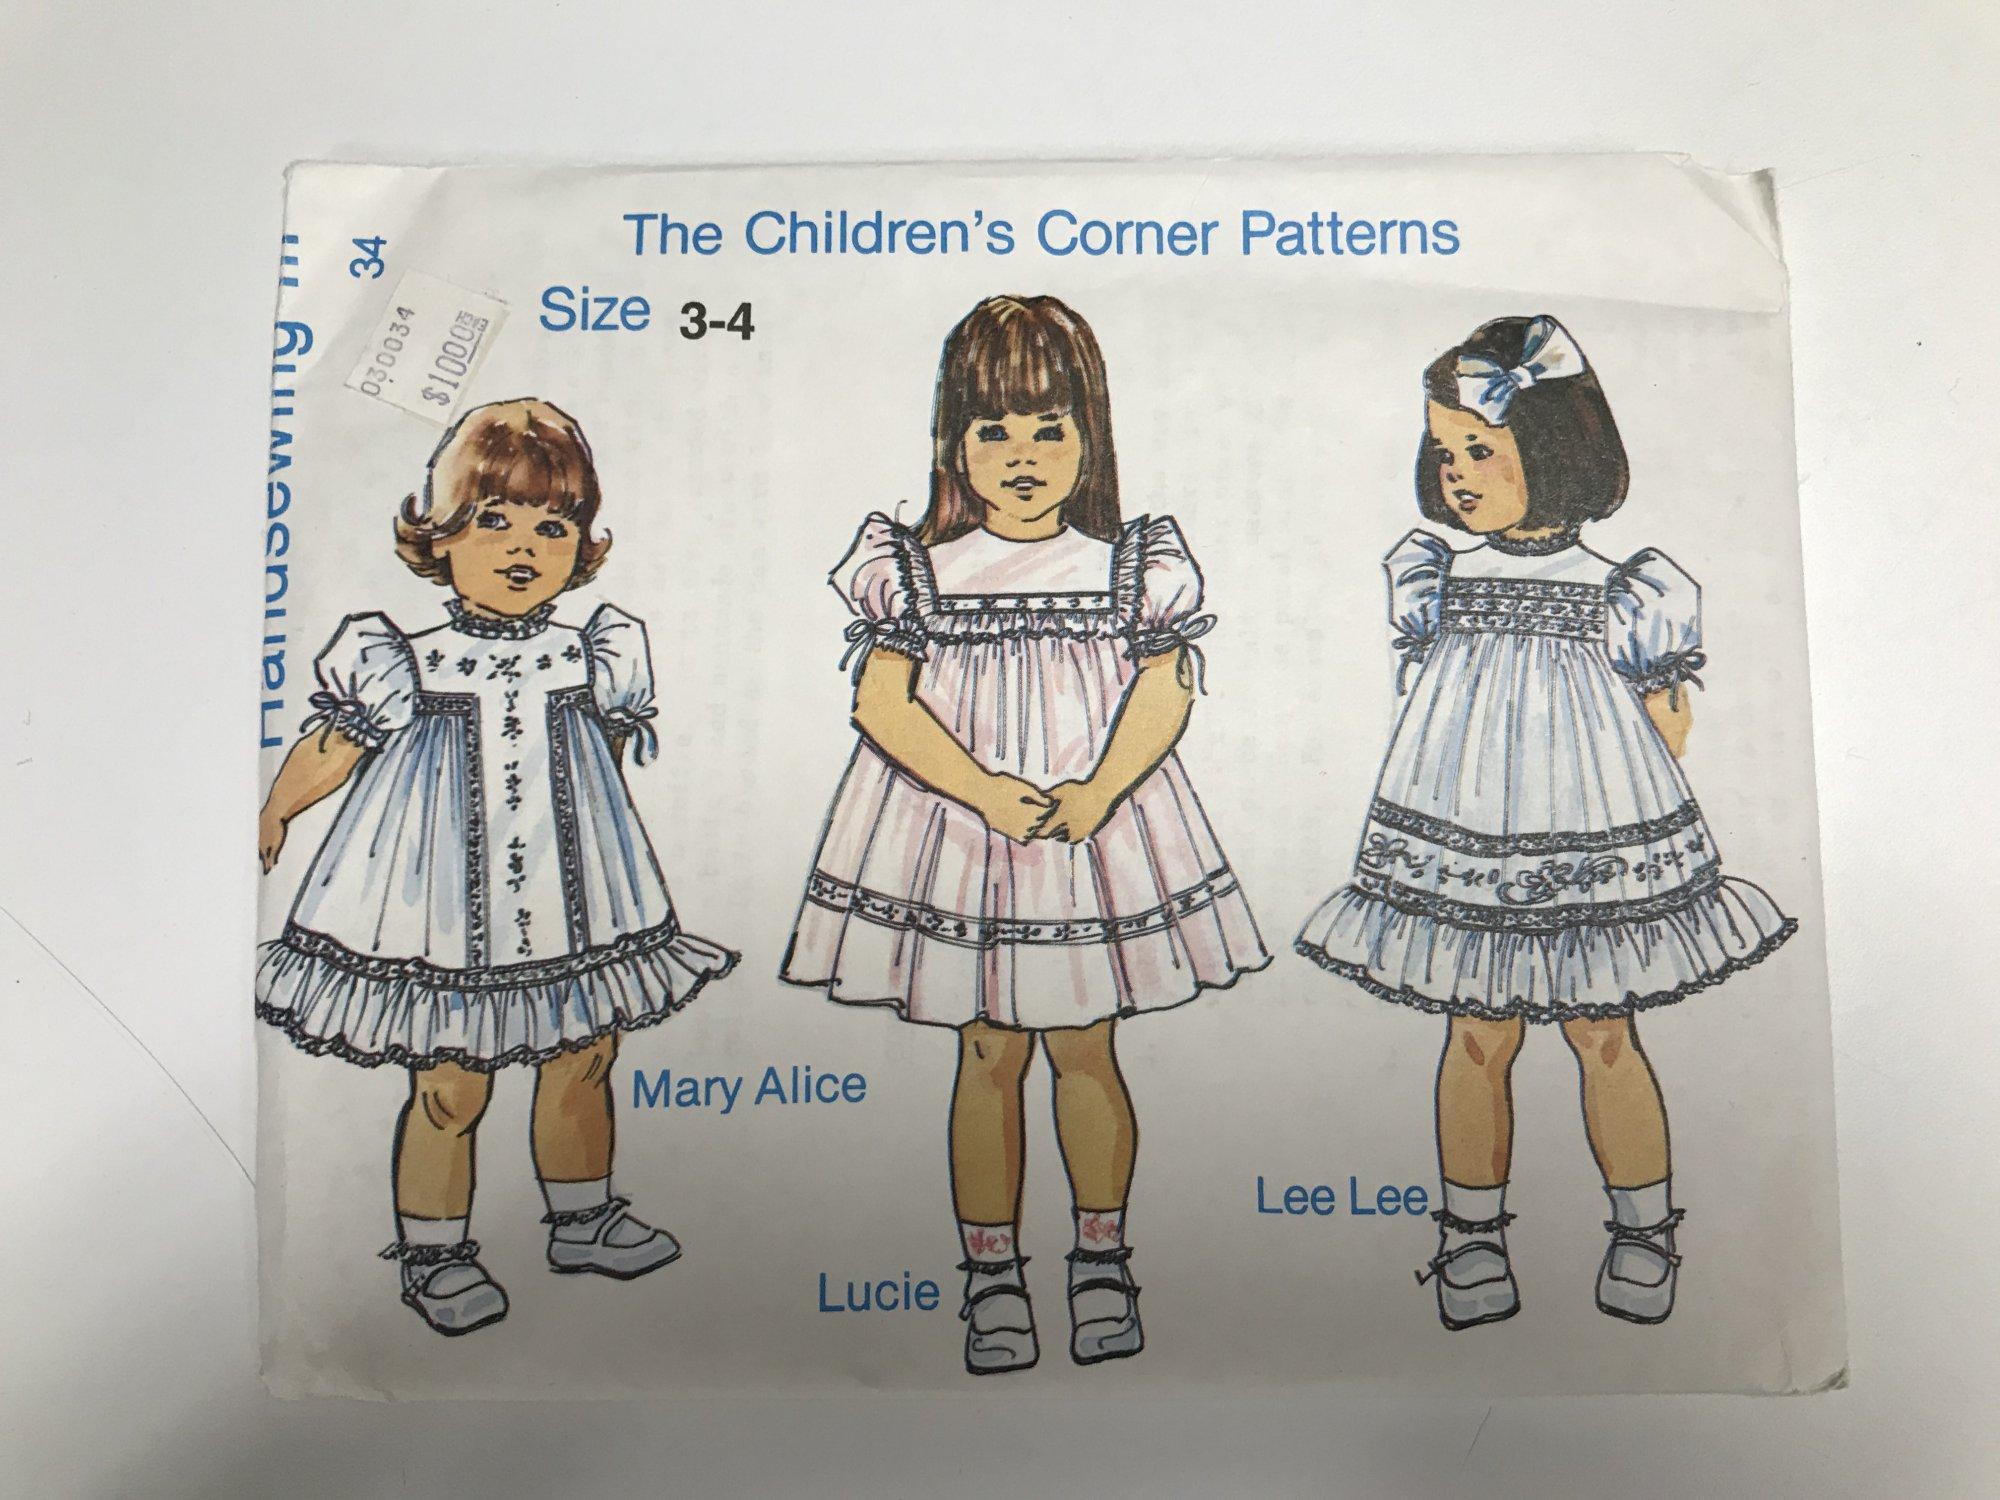 CHILDREN'S CORNER HANDSEWING III